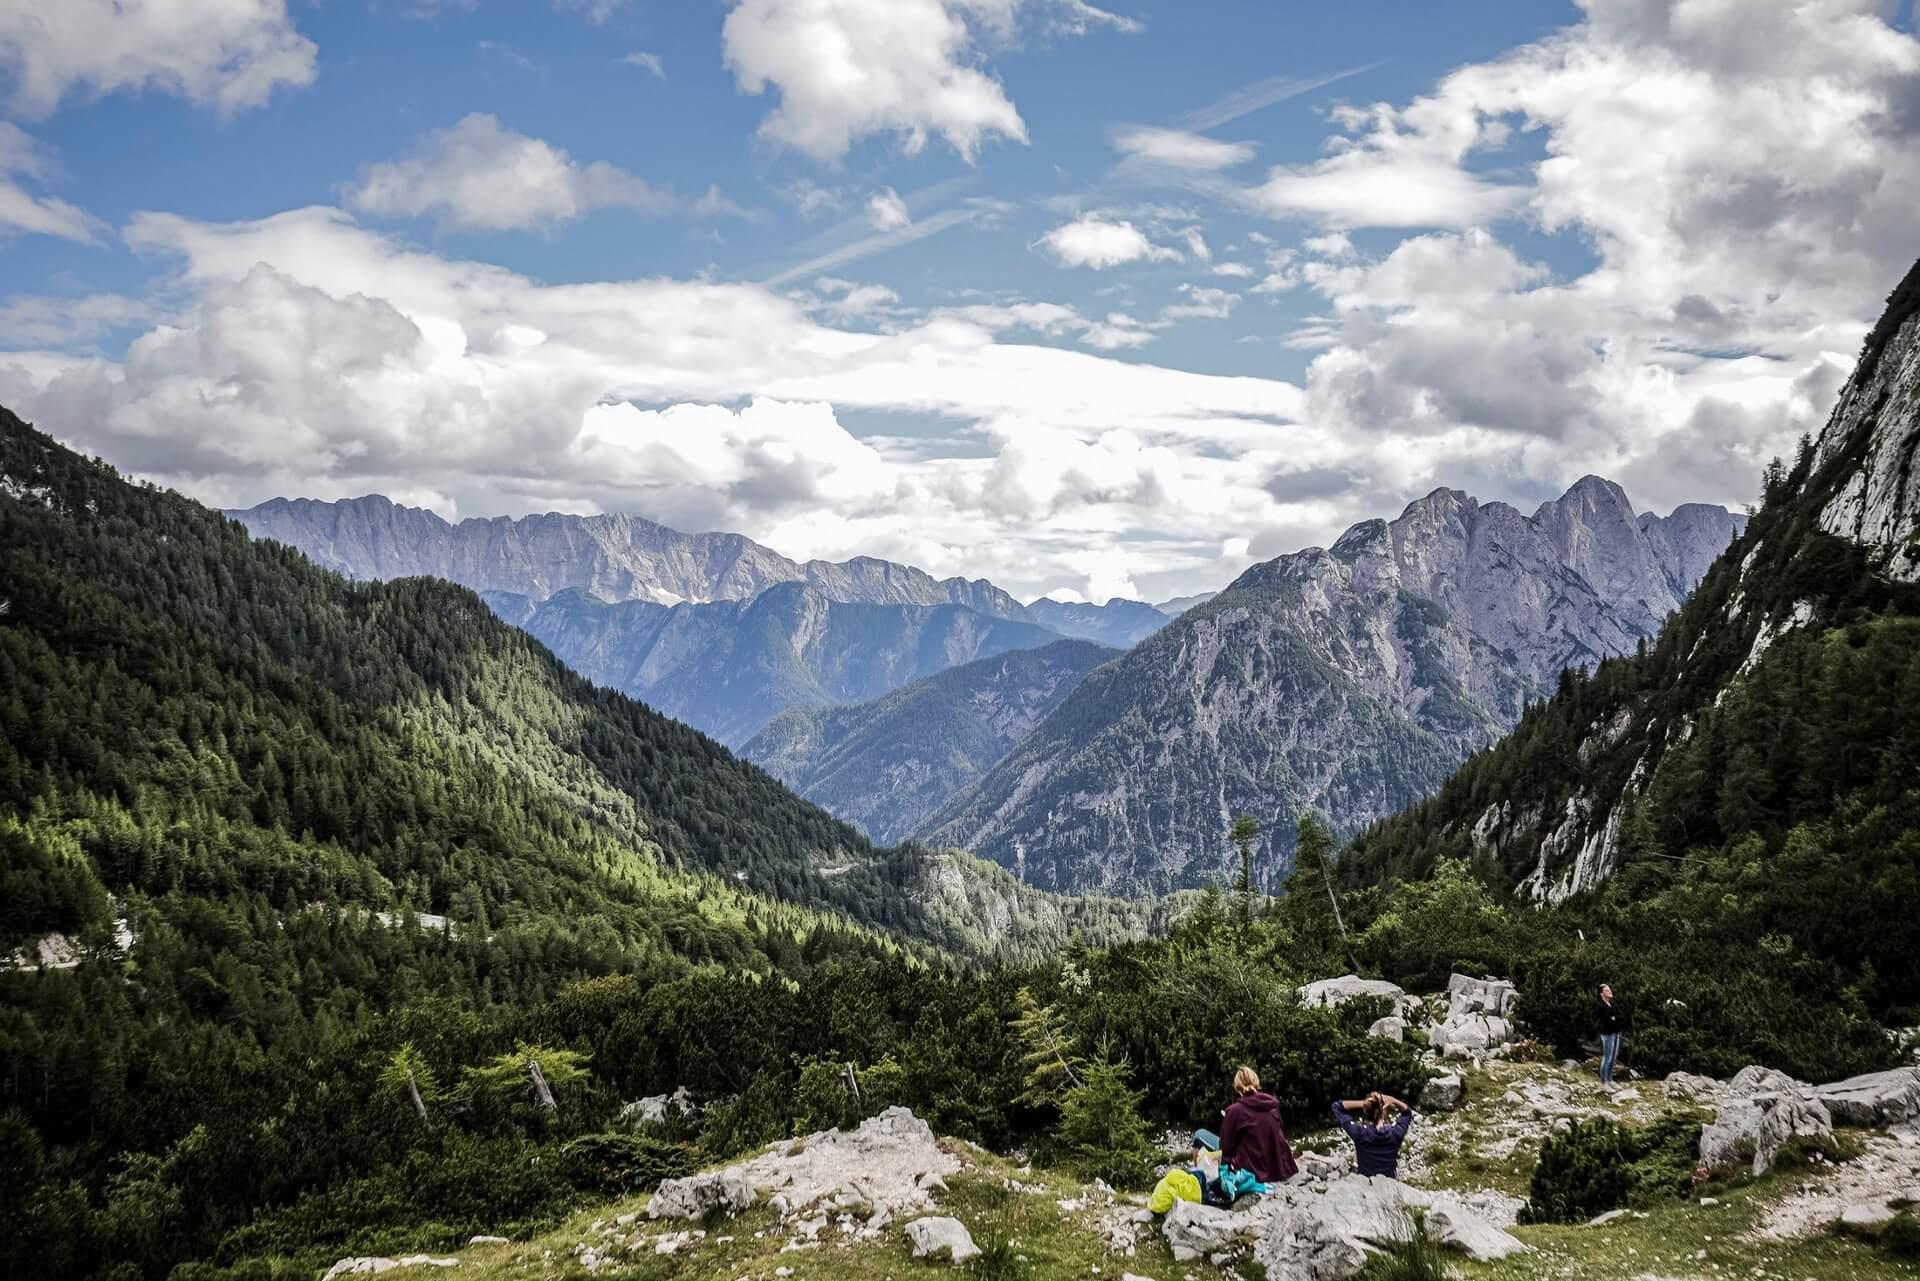 Katera planinska pot bo letos dobila naziv Naj planinska pot?